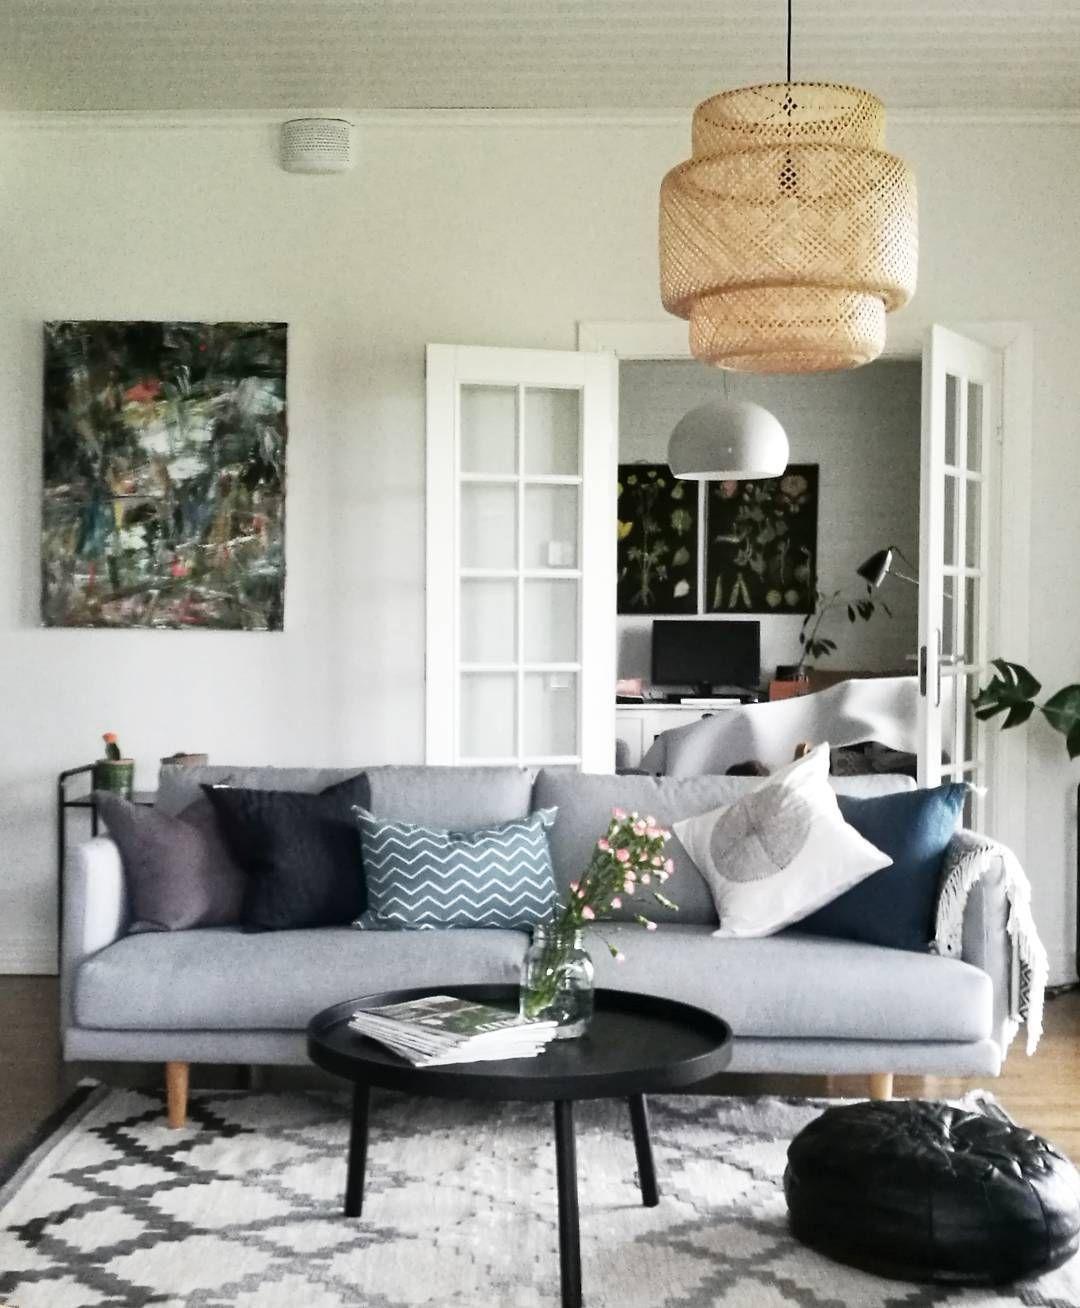 Ikea'Sinnerlig' pendant lamp IG callithomeblog N E S T Pinterest Pendant lamps, Pendants